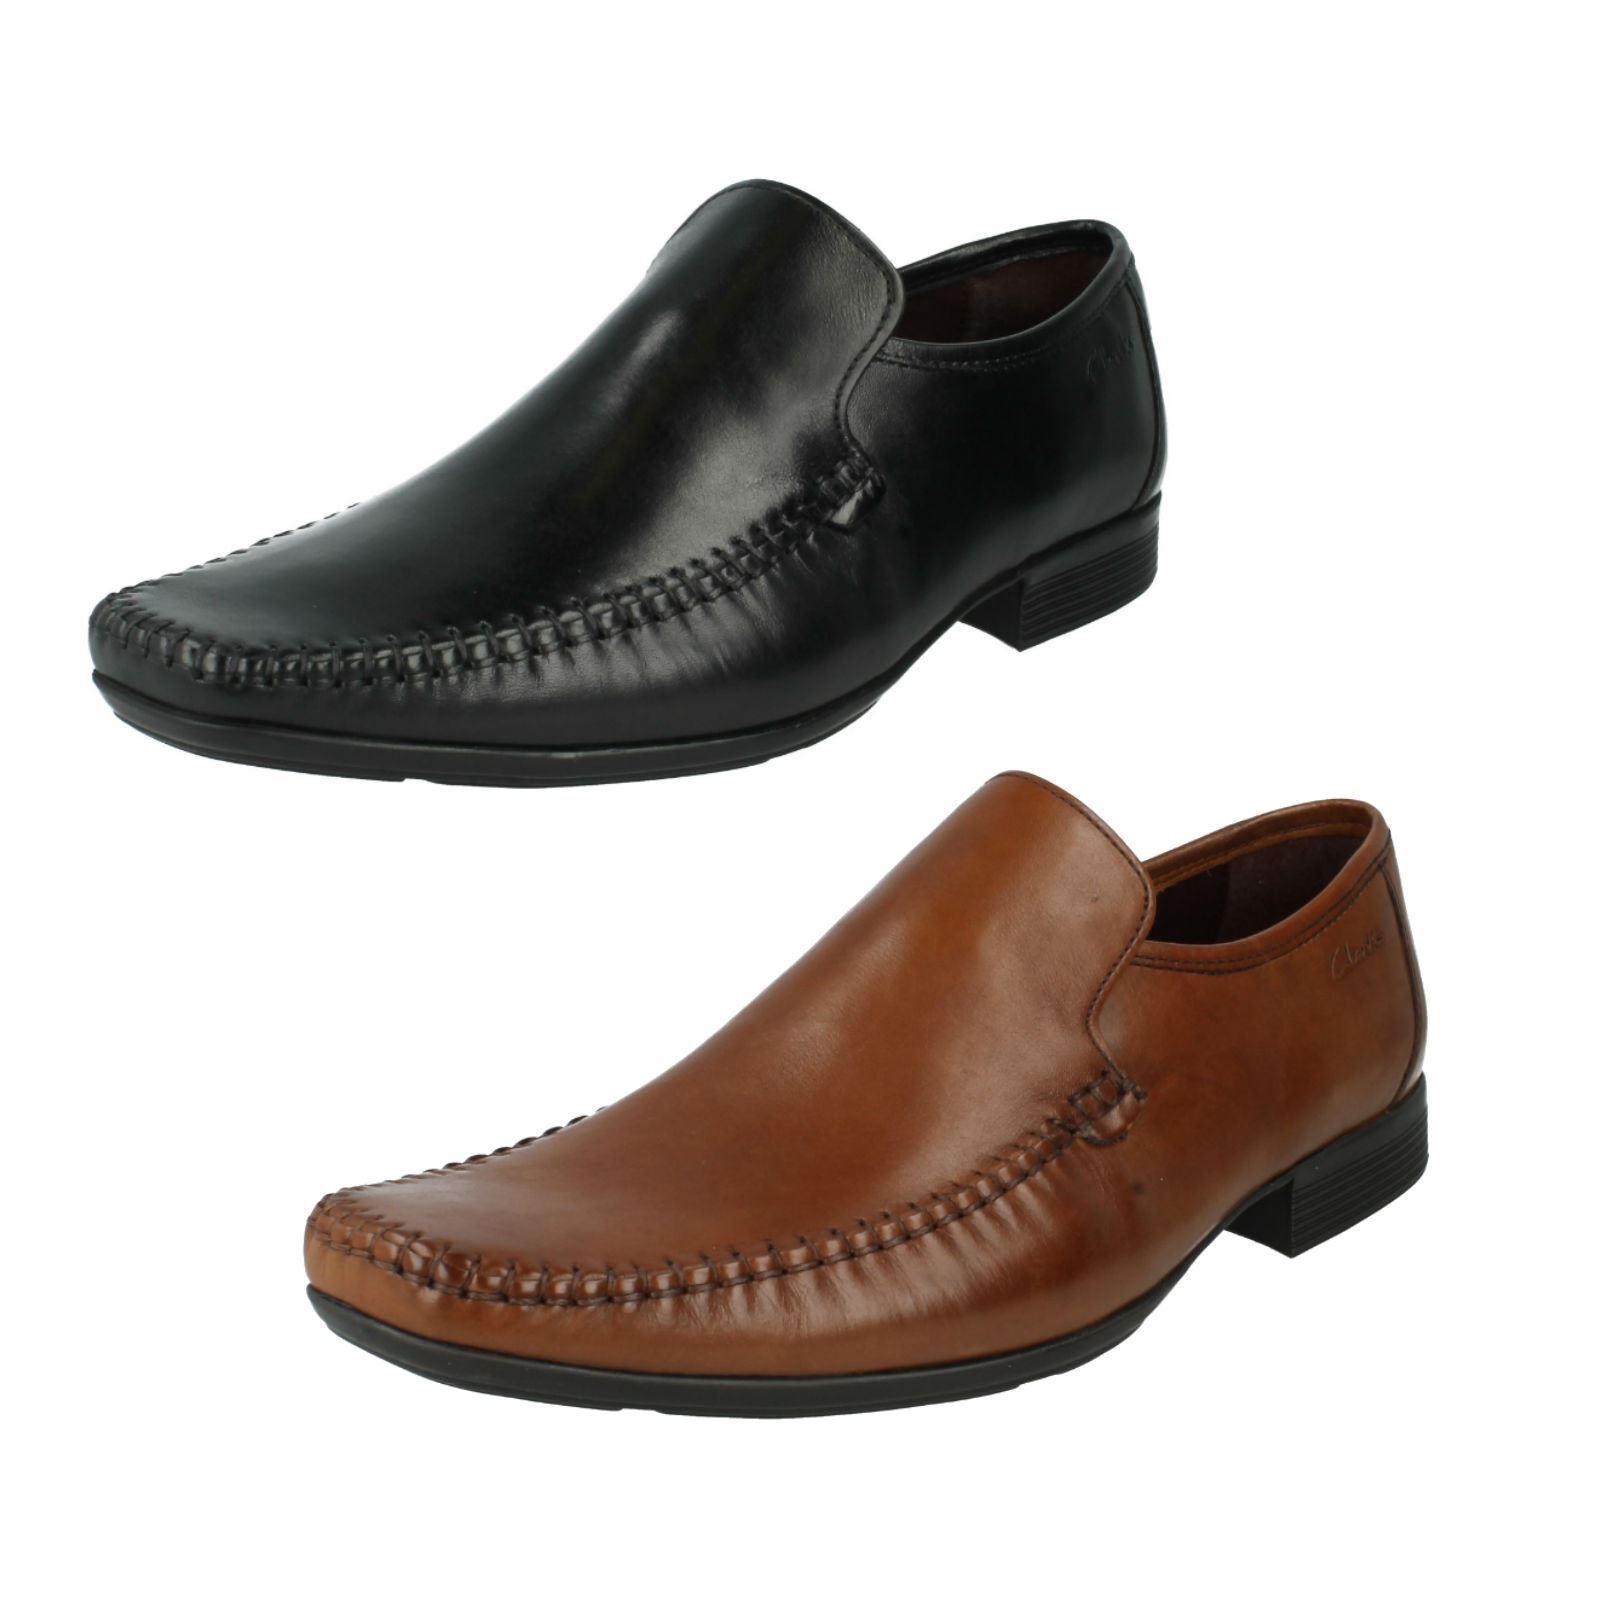 Uomini Clarks Mocassini Pelle & Smart Scarpe in Nero & Pelle Marroncino Stile Ferro passo 9a9221